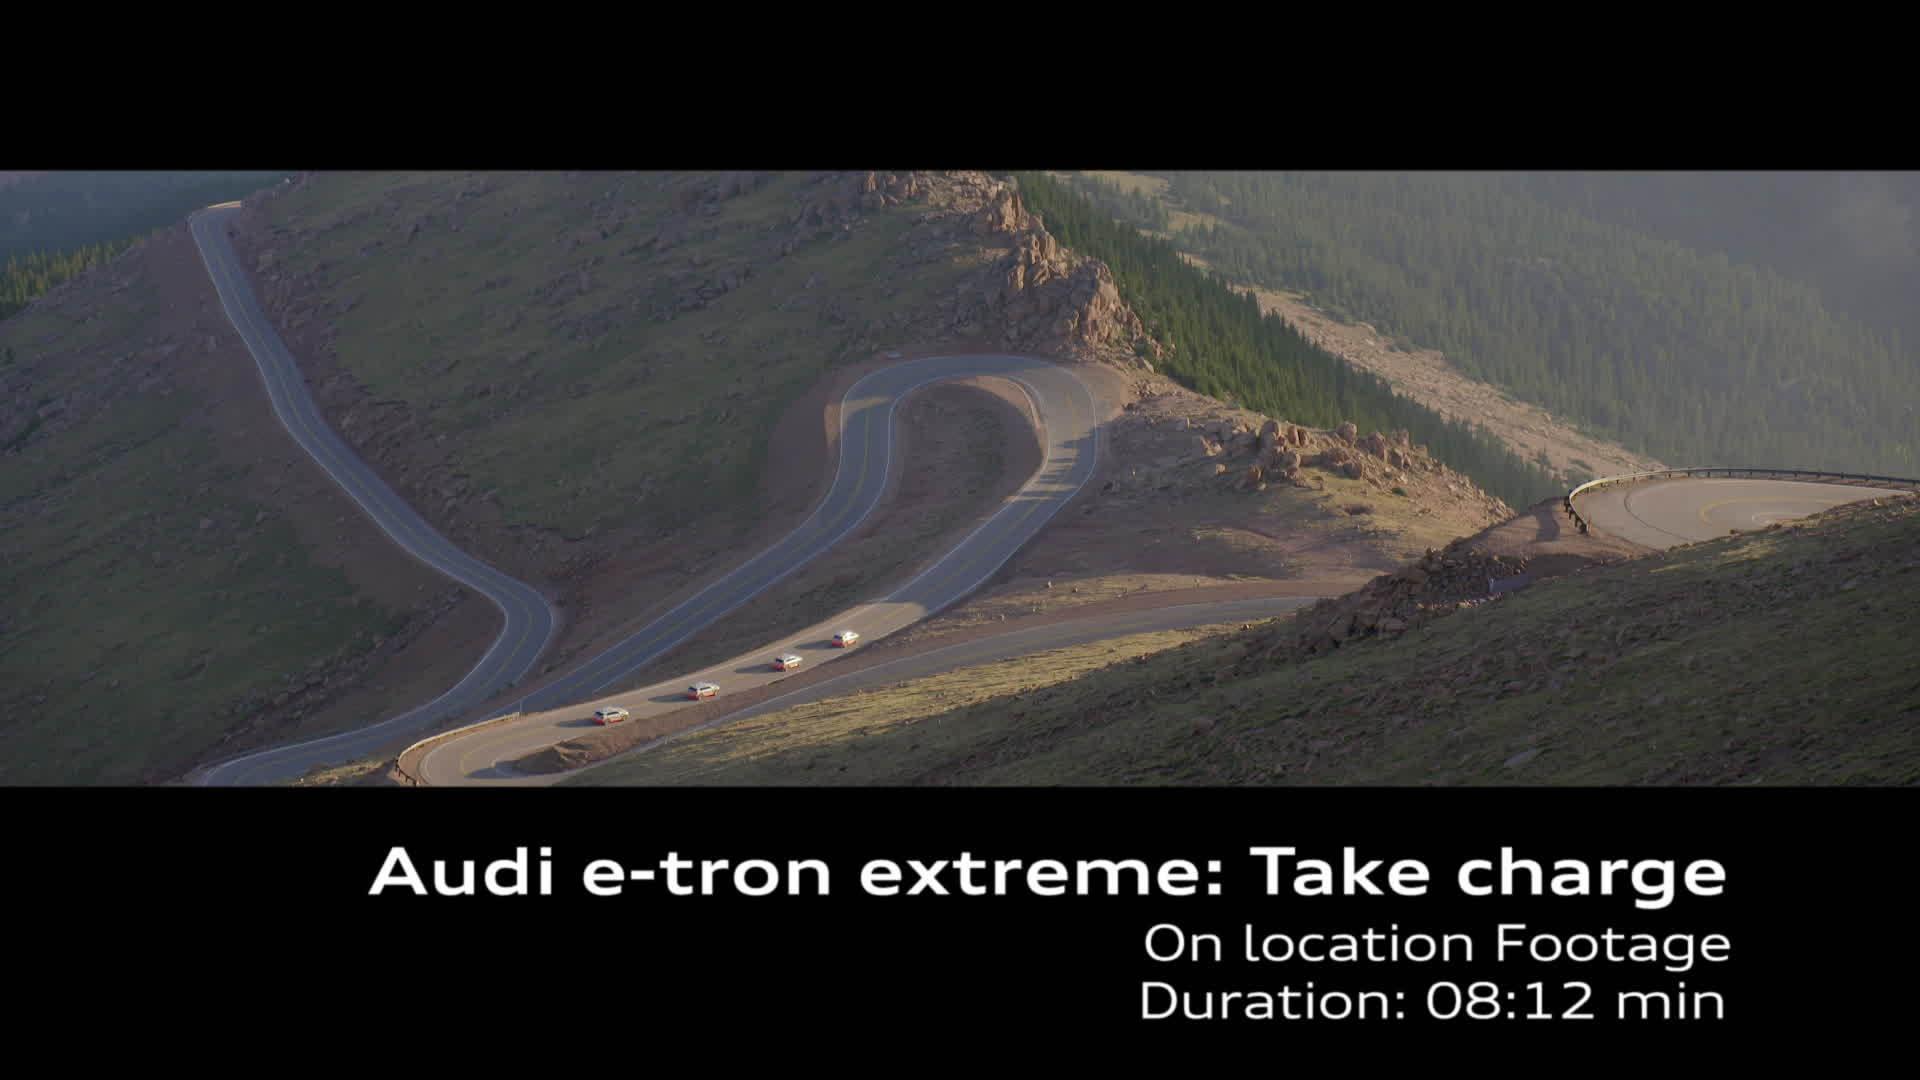 Audi e-tron-prototype extreme Pikes Peak recuperation Footage